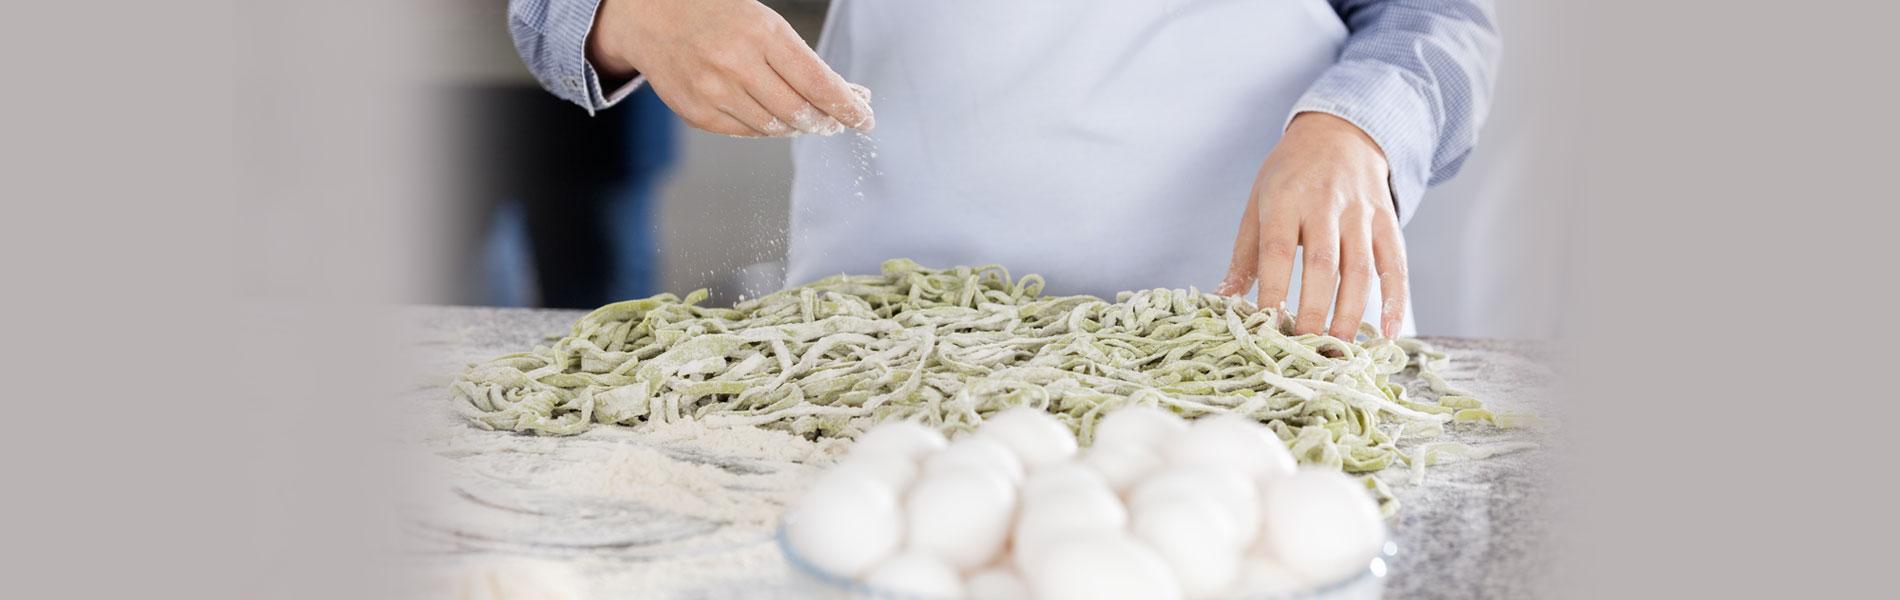 pastasciutta-tagliatelle-chef-farina